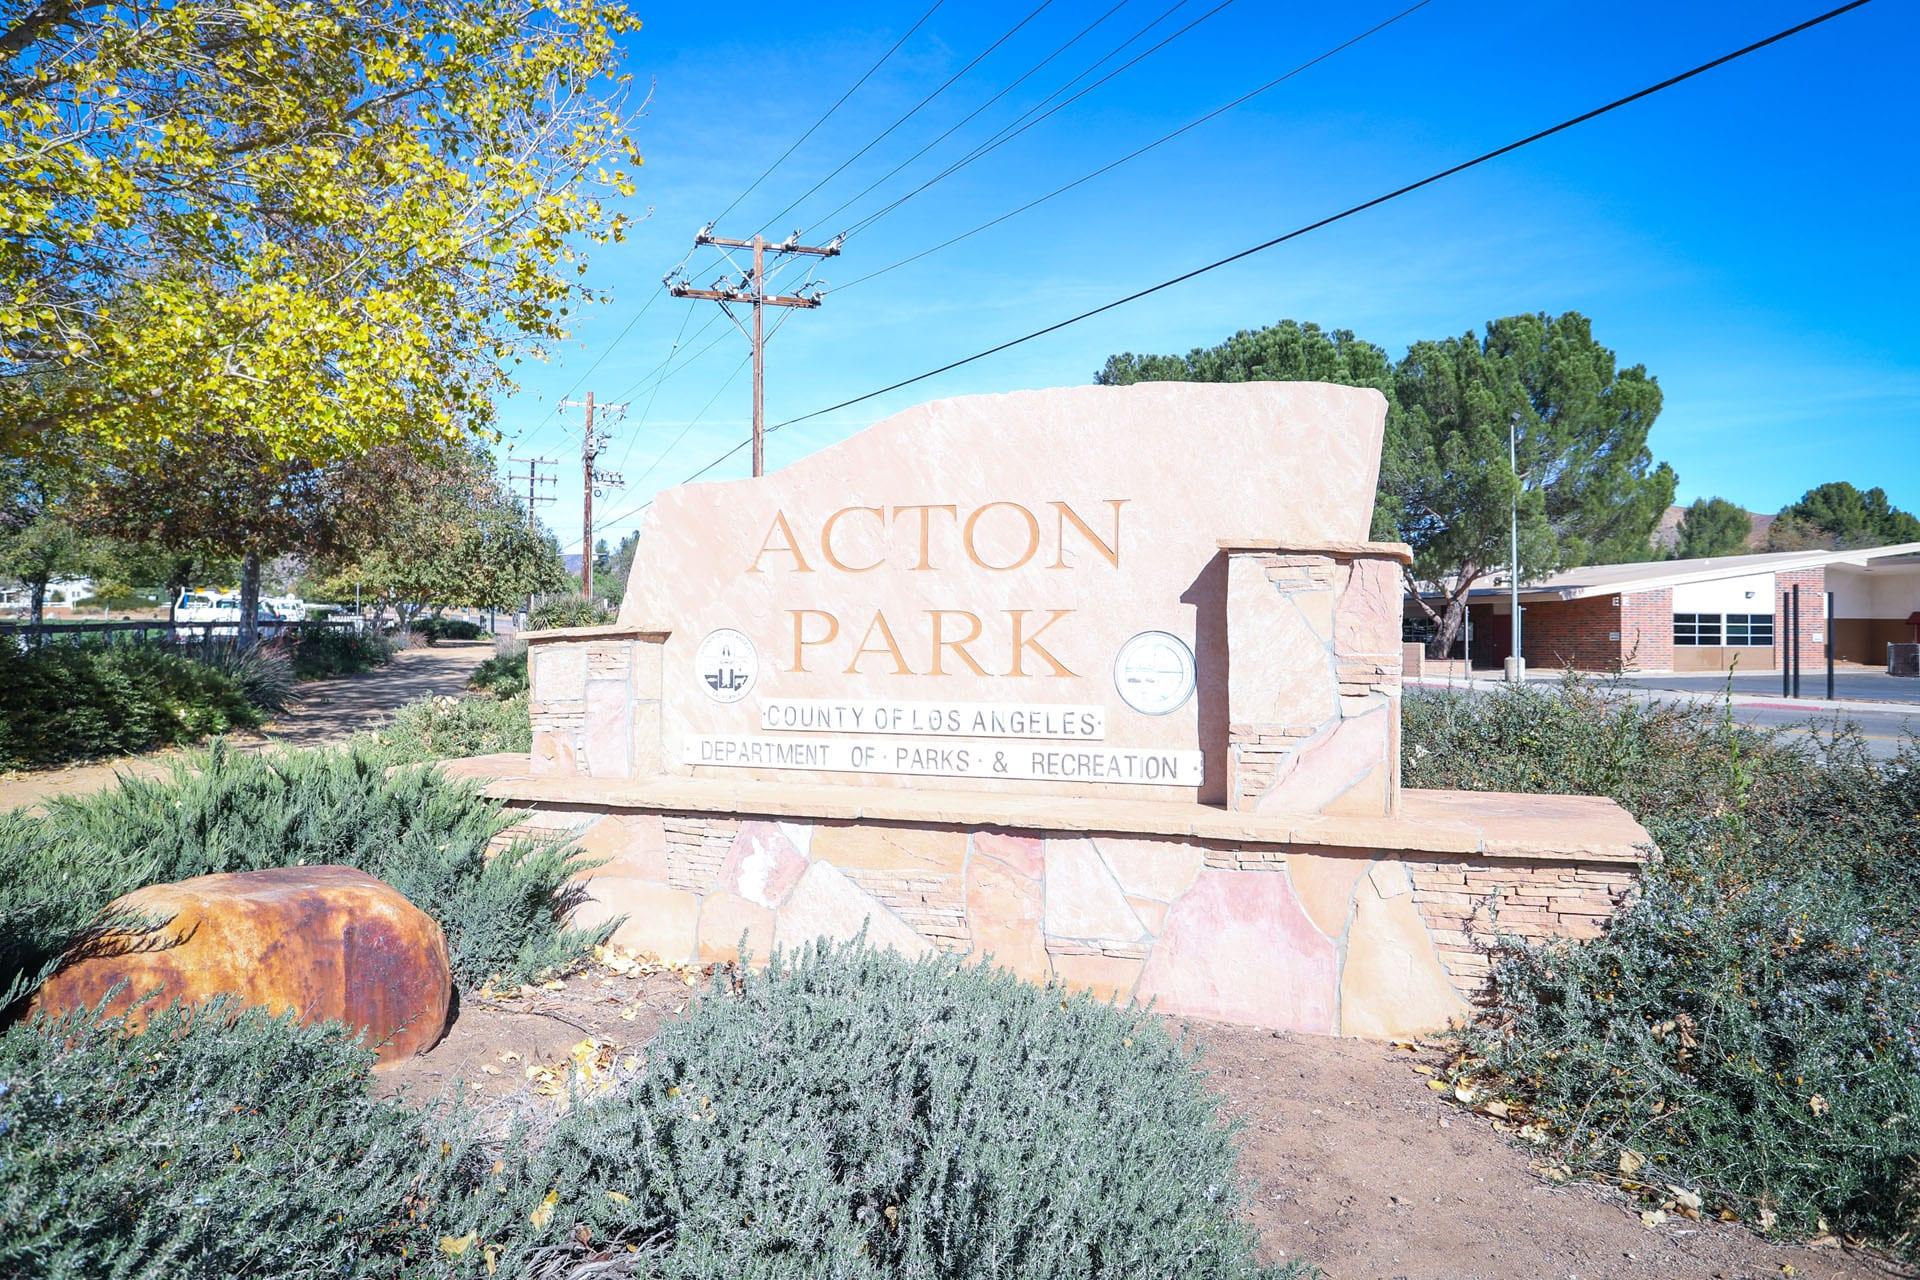 Acton Park sign